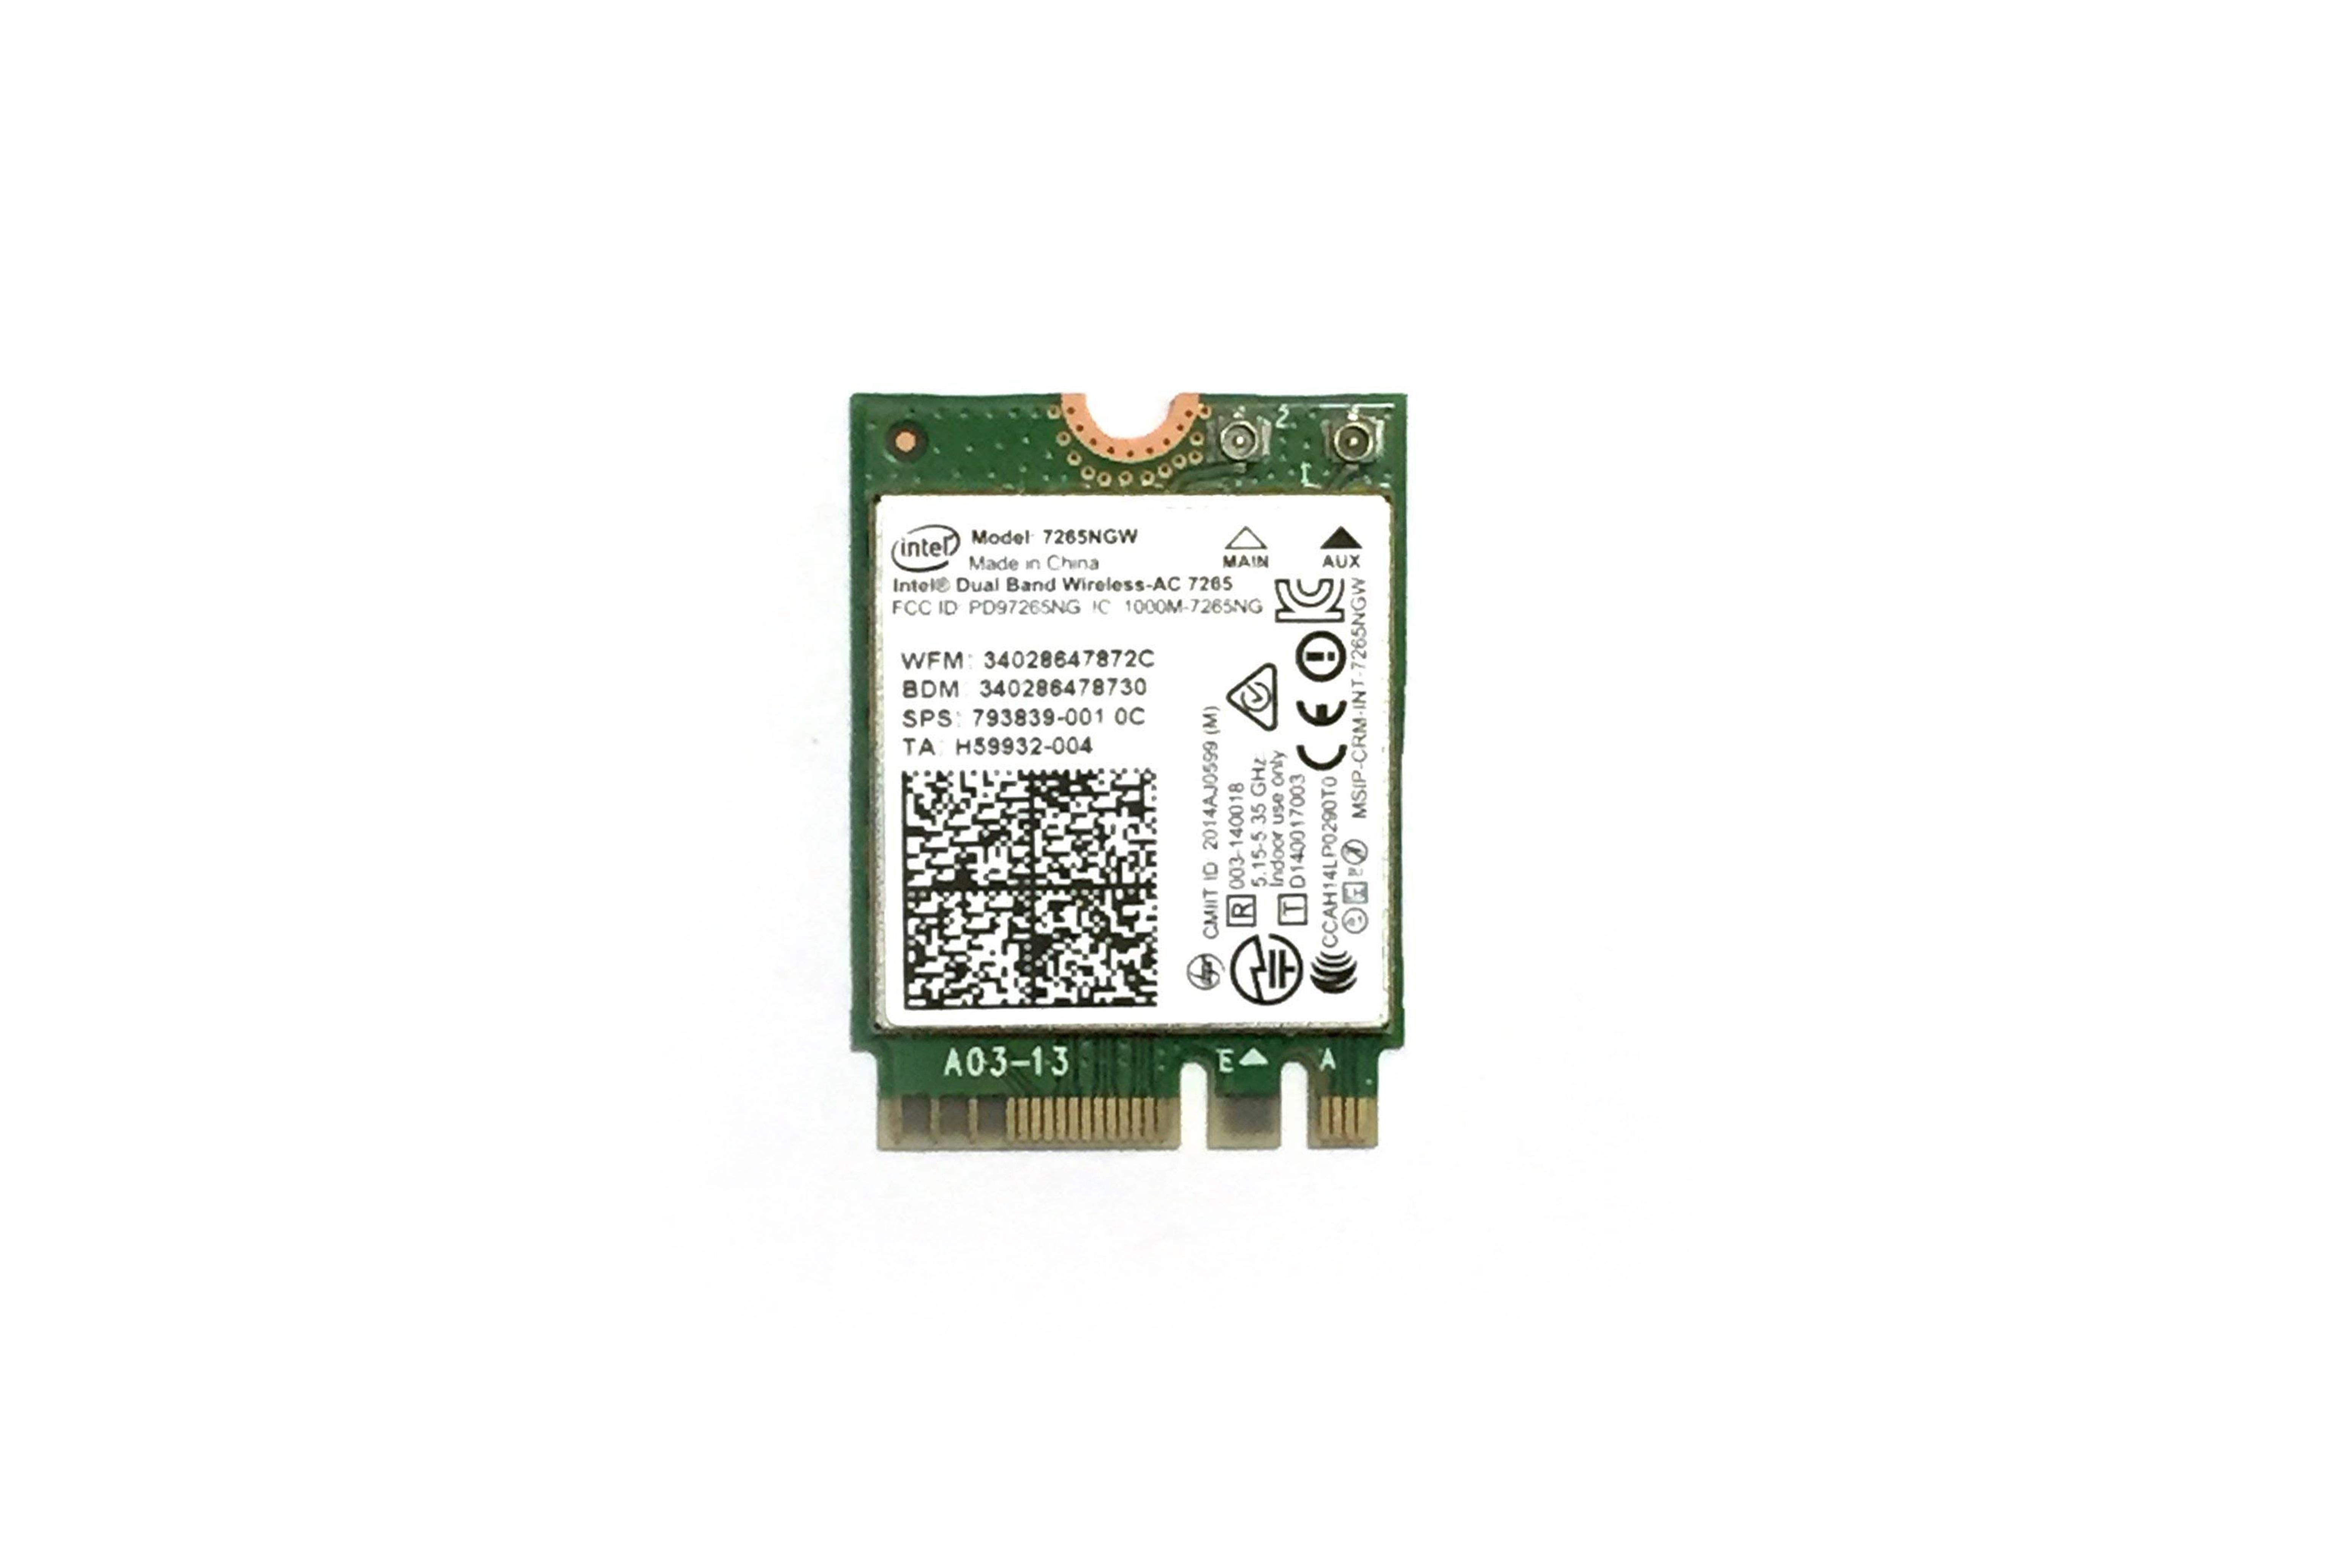 Adaptateur Intel double bande sans fil AC 7265